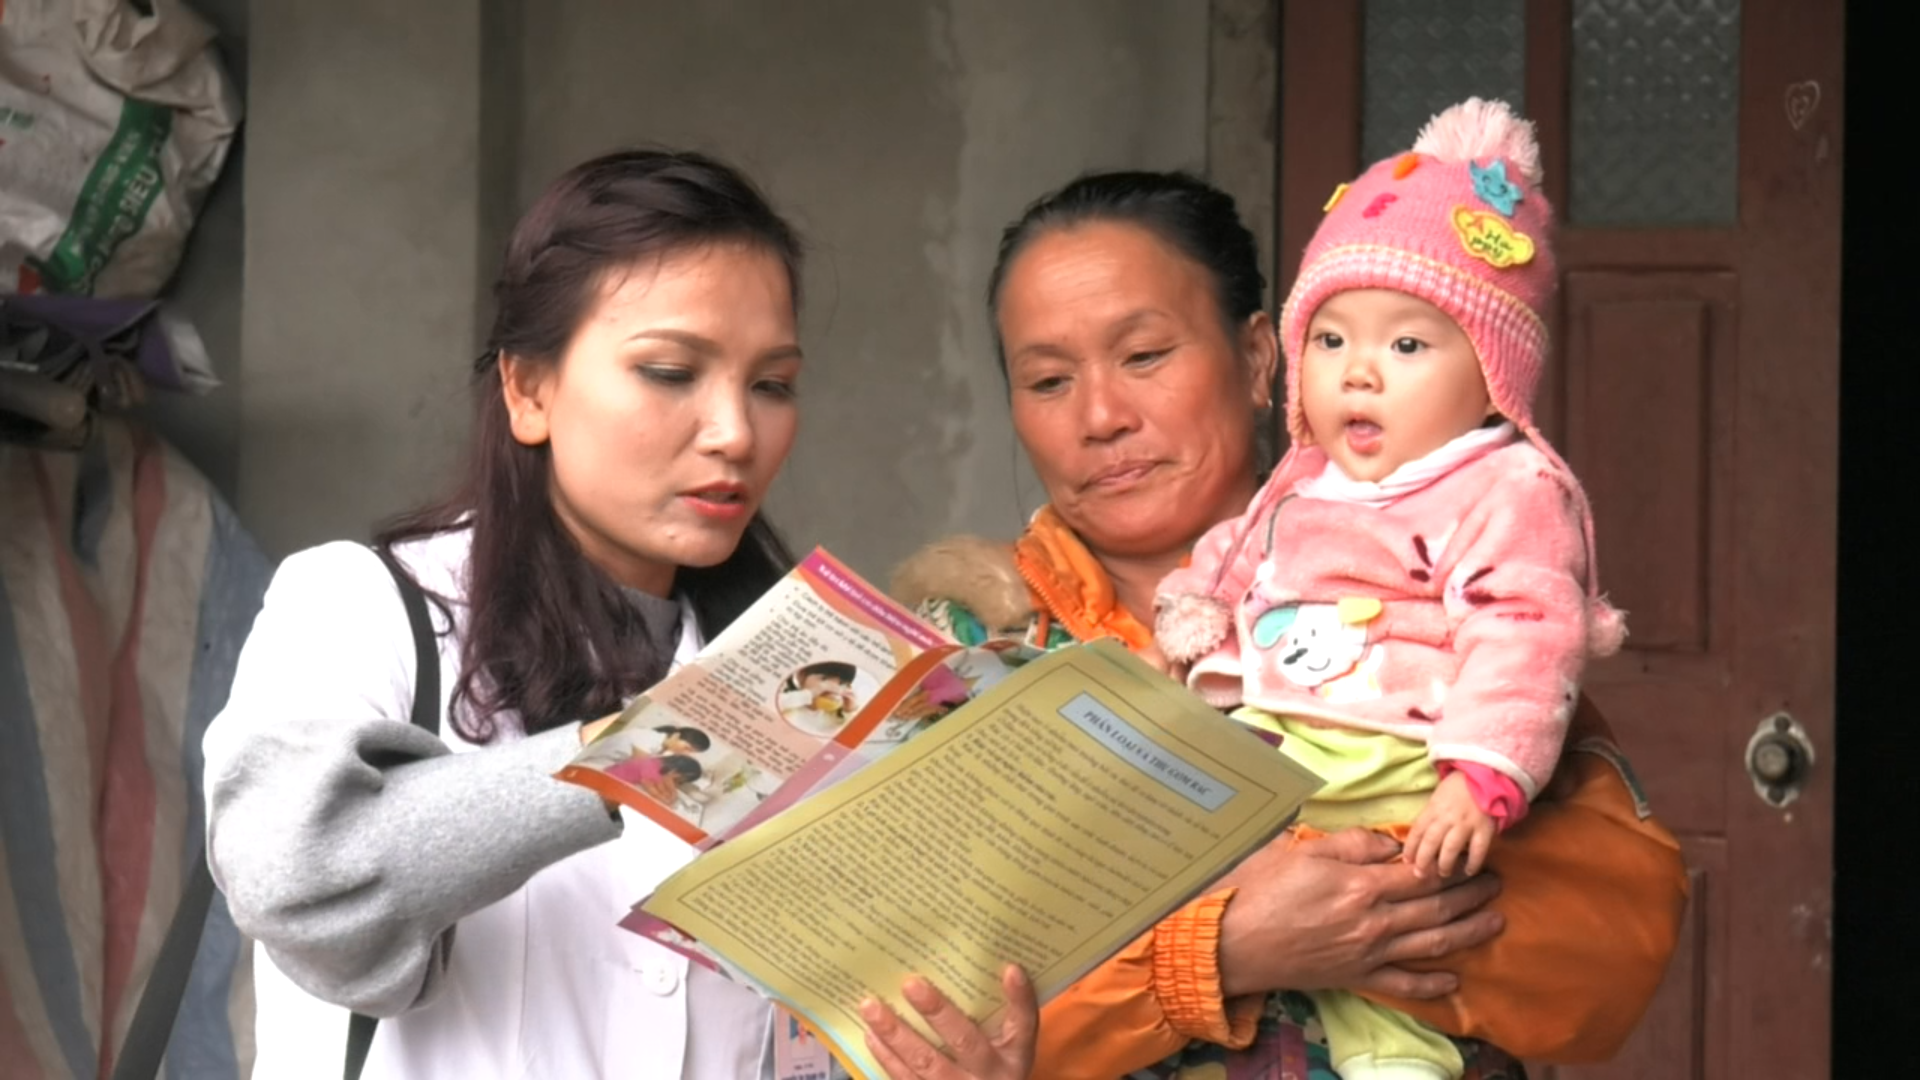 Tuyên truyền về kế hoạch hóa gia đình cho phụ nữ miền núi